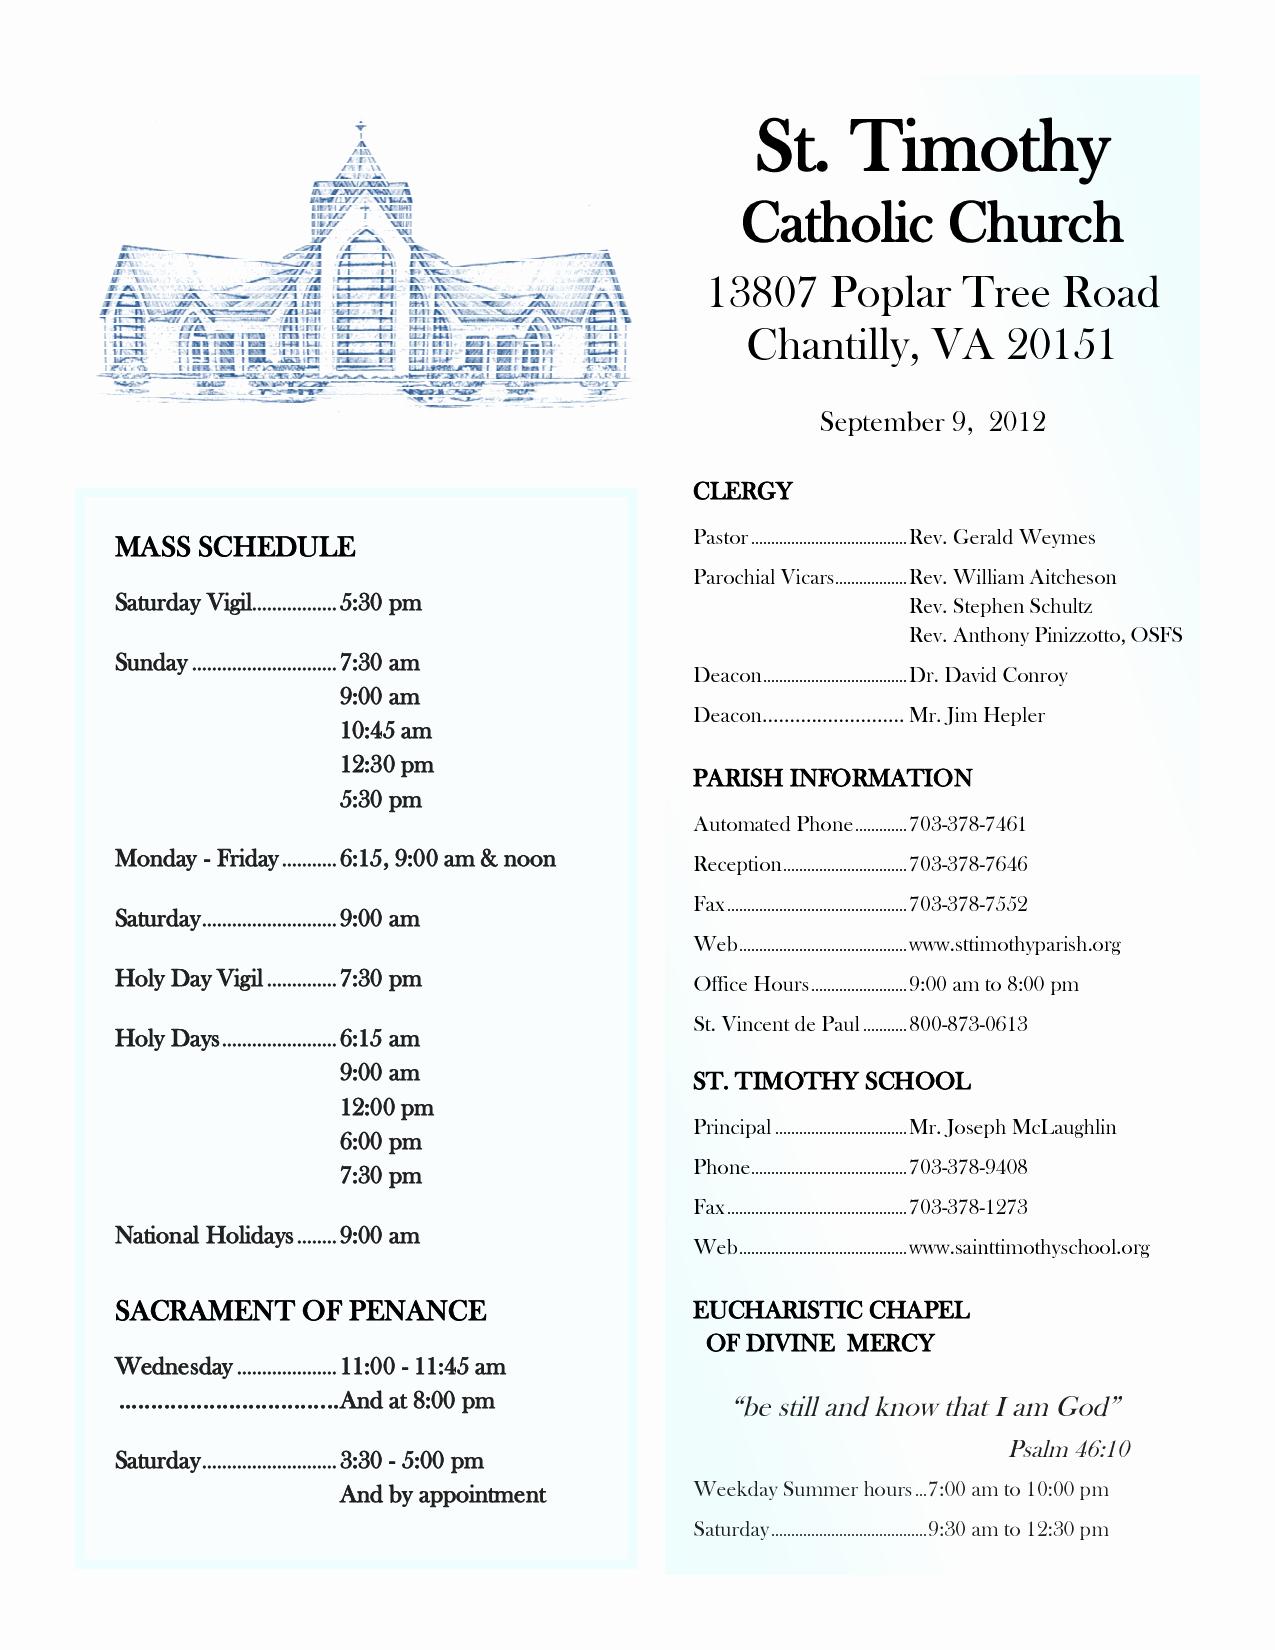 Catholic Wedding Program Template Free Awesome Best S Of Roman Catholic Wedding Programs Template